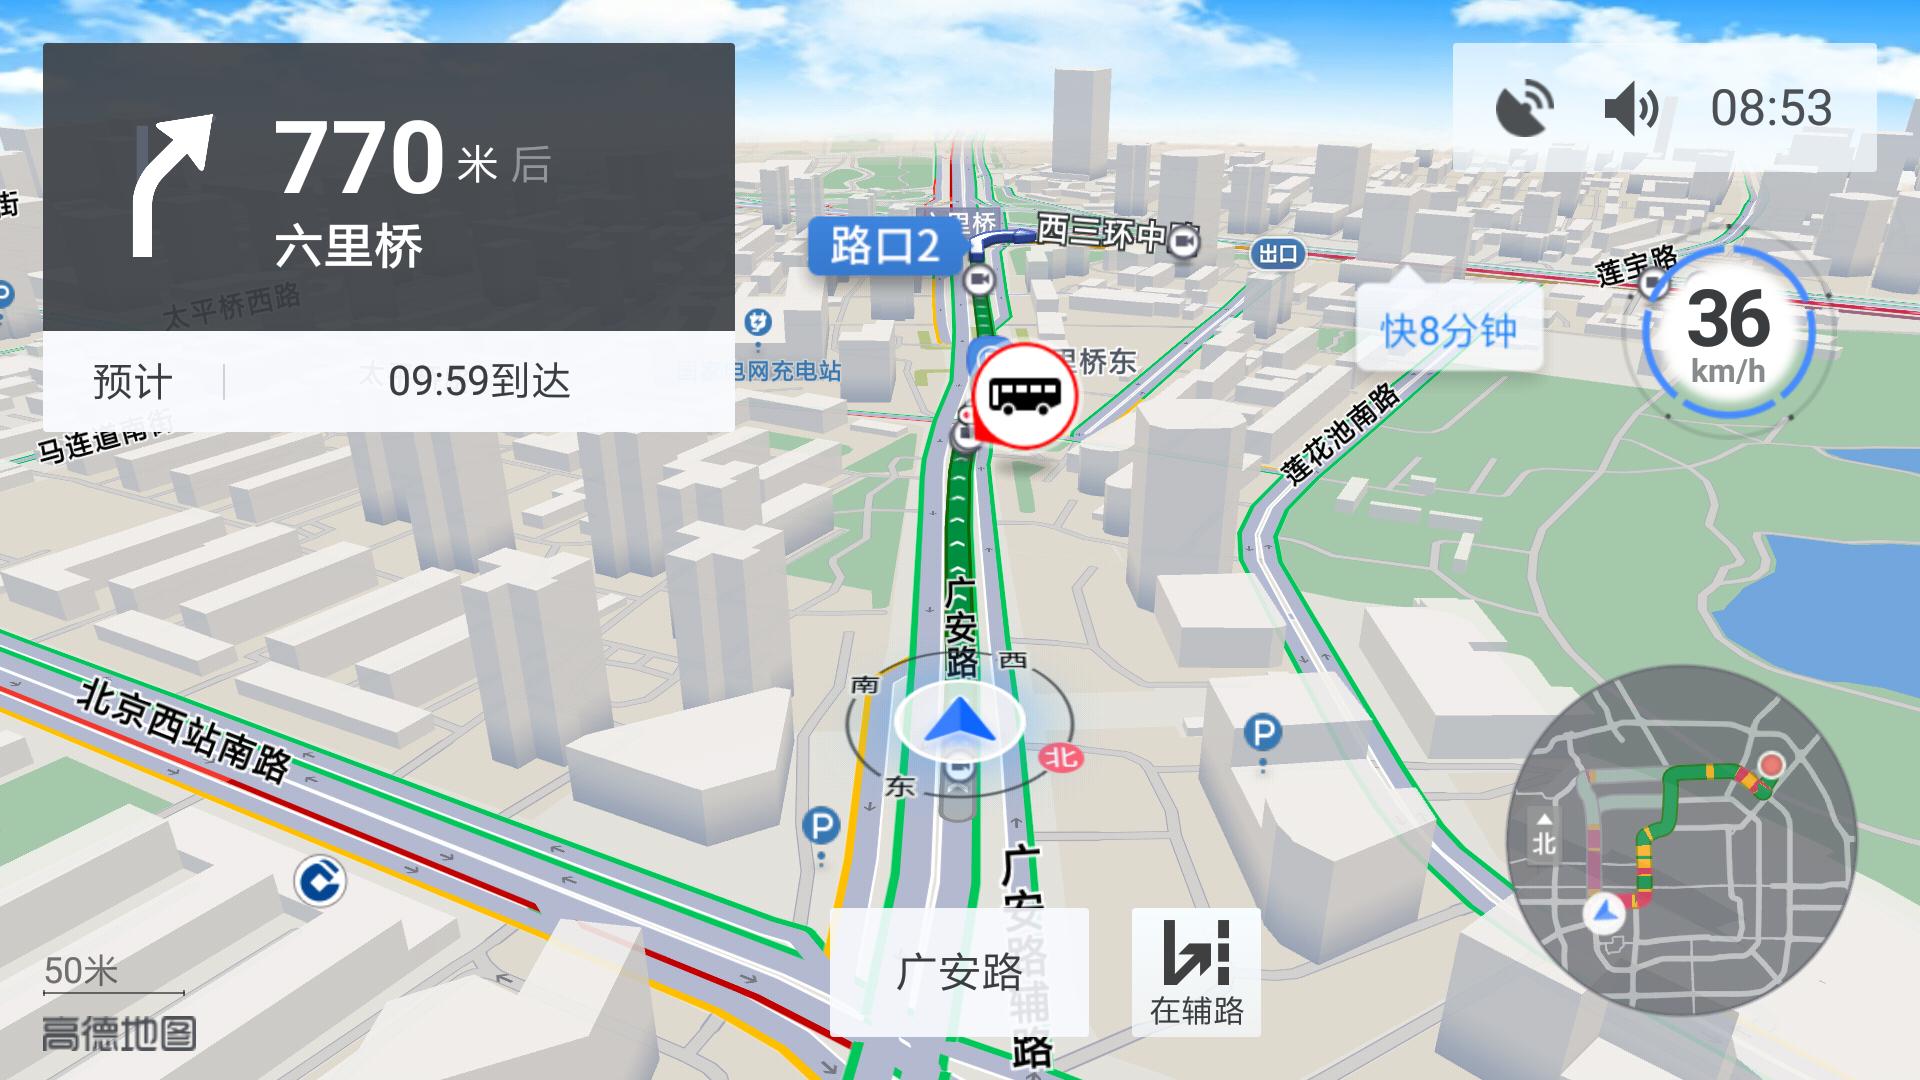 高德地图车机版3.0新语音包上线 黄健翔伴你一